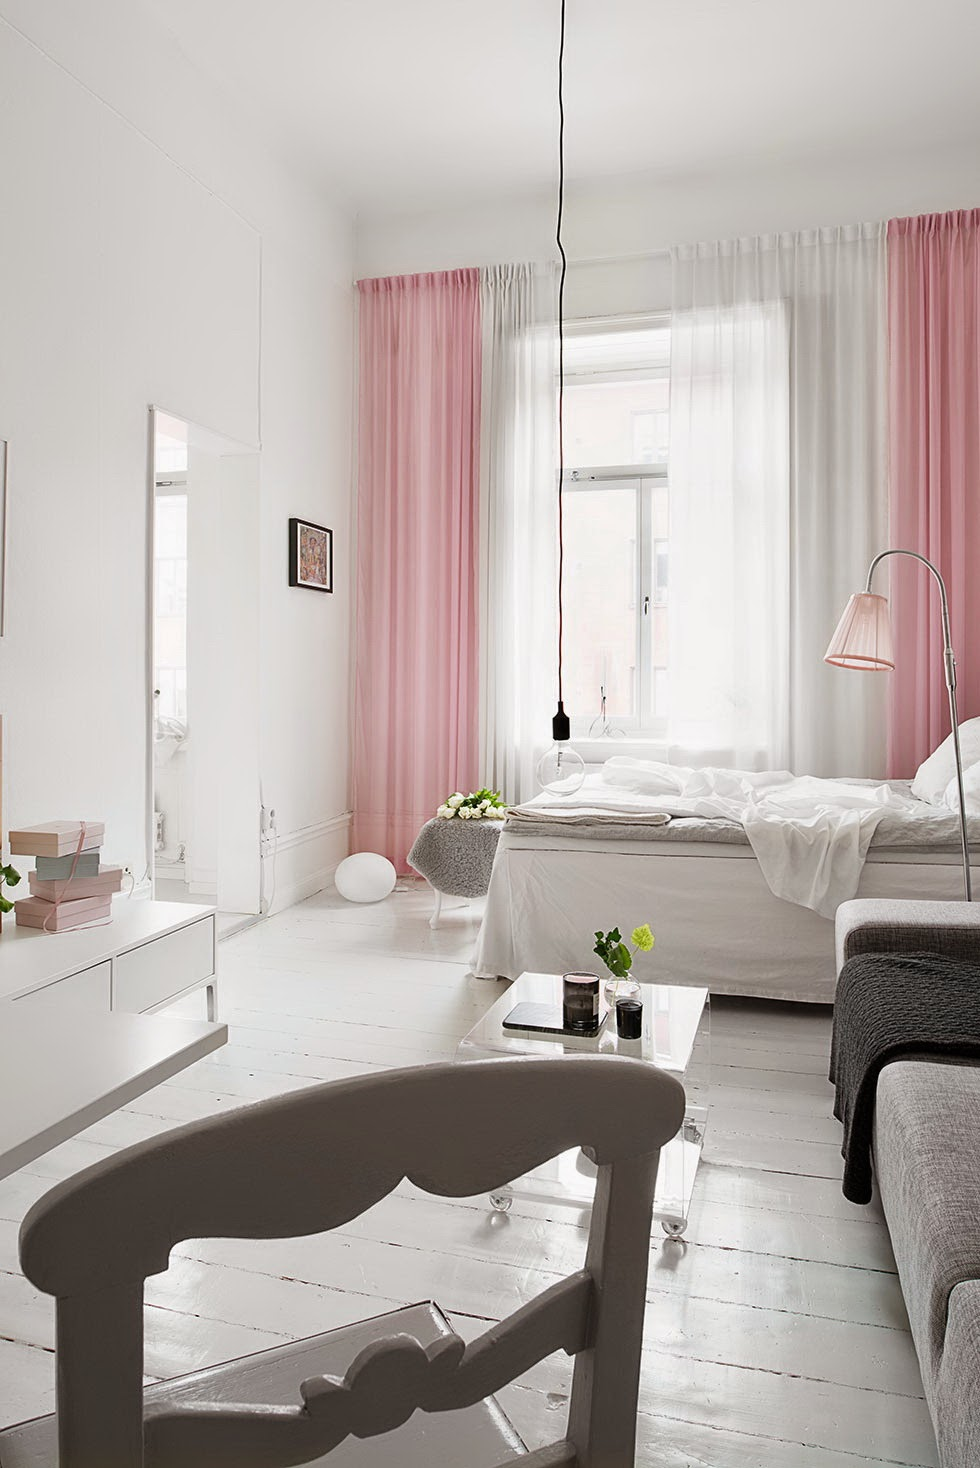 A combina o rosa cinza branco preto do tipo for Einrichtungsideen studentenzimmer